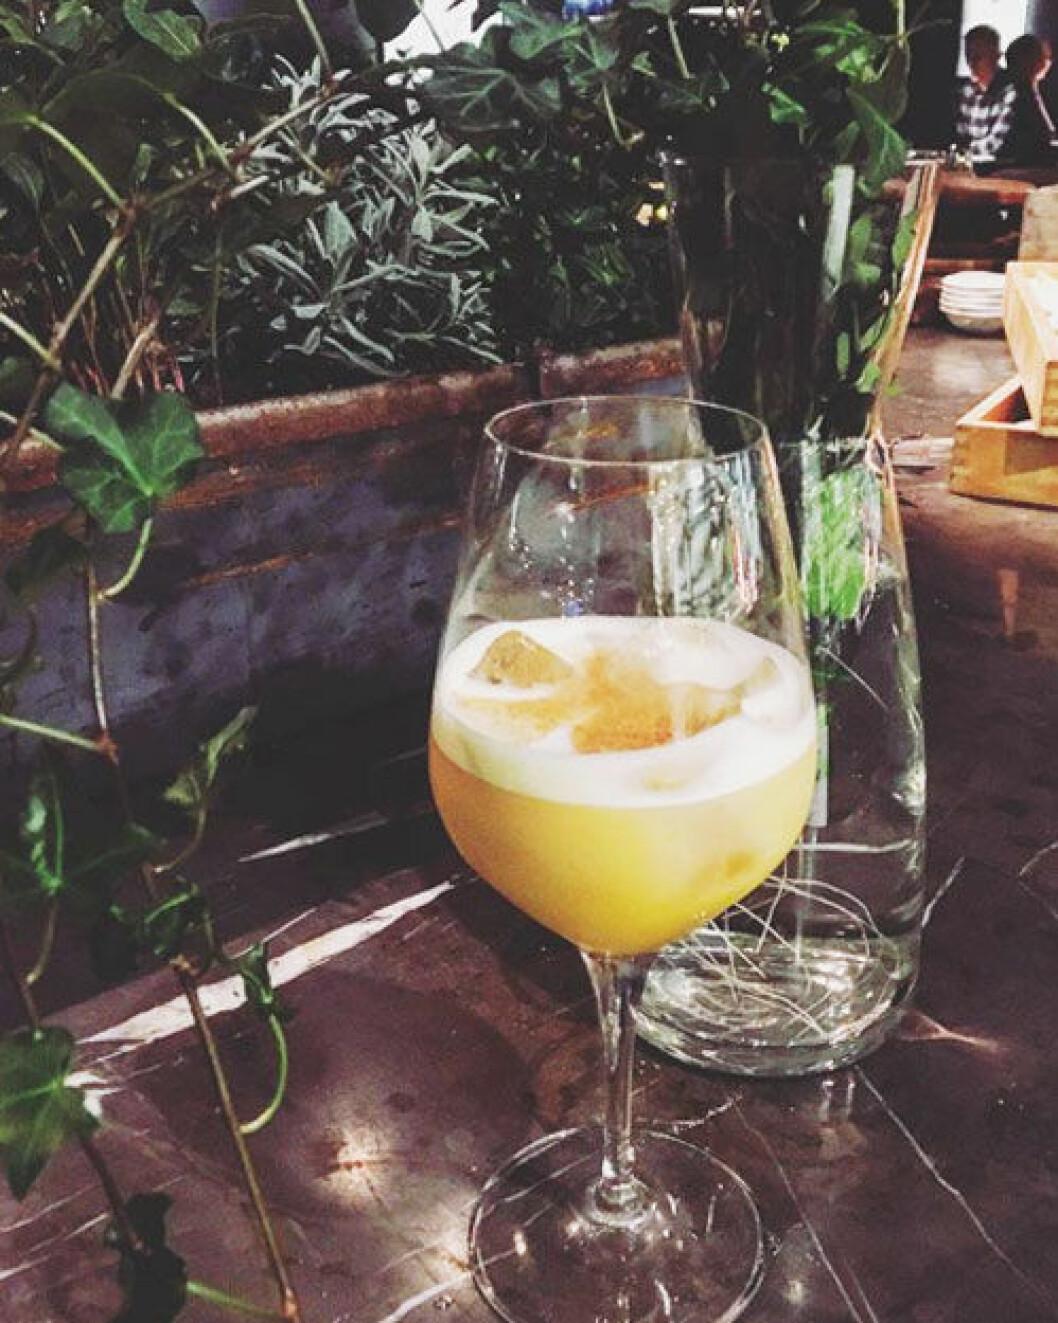 Fotografiskas bar och restaurang har ett bra utbud av alkoholfria drinkar.